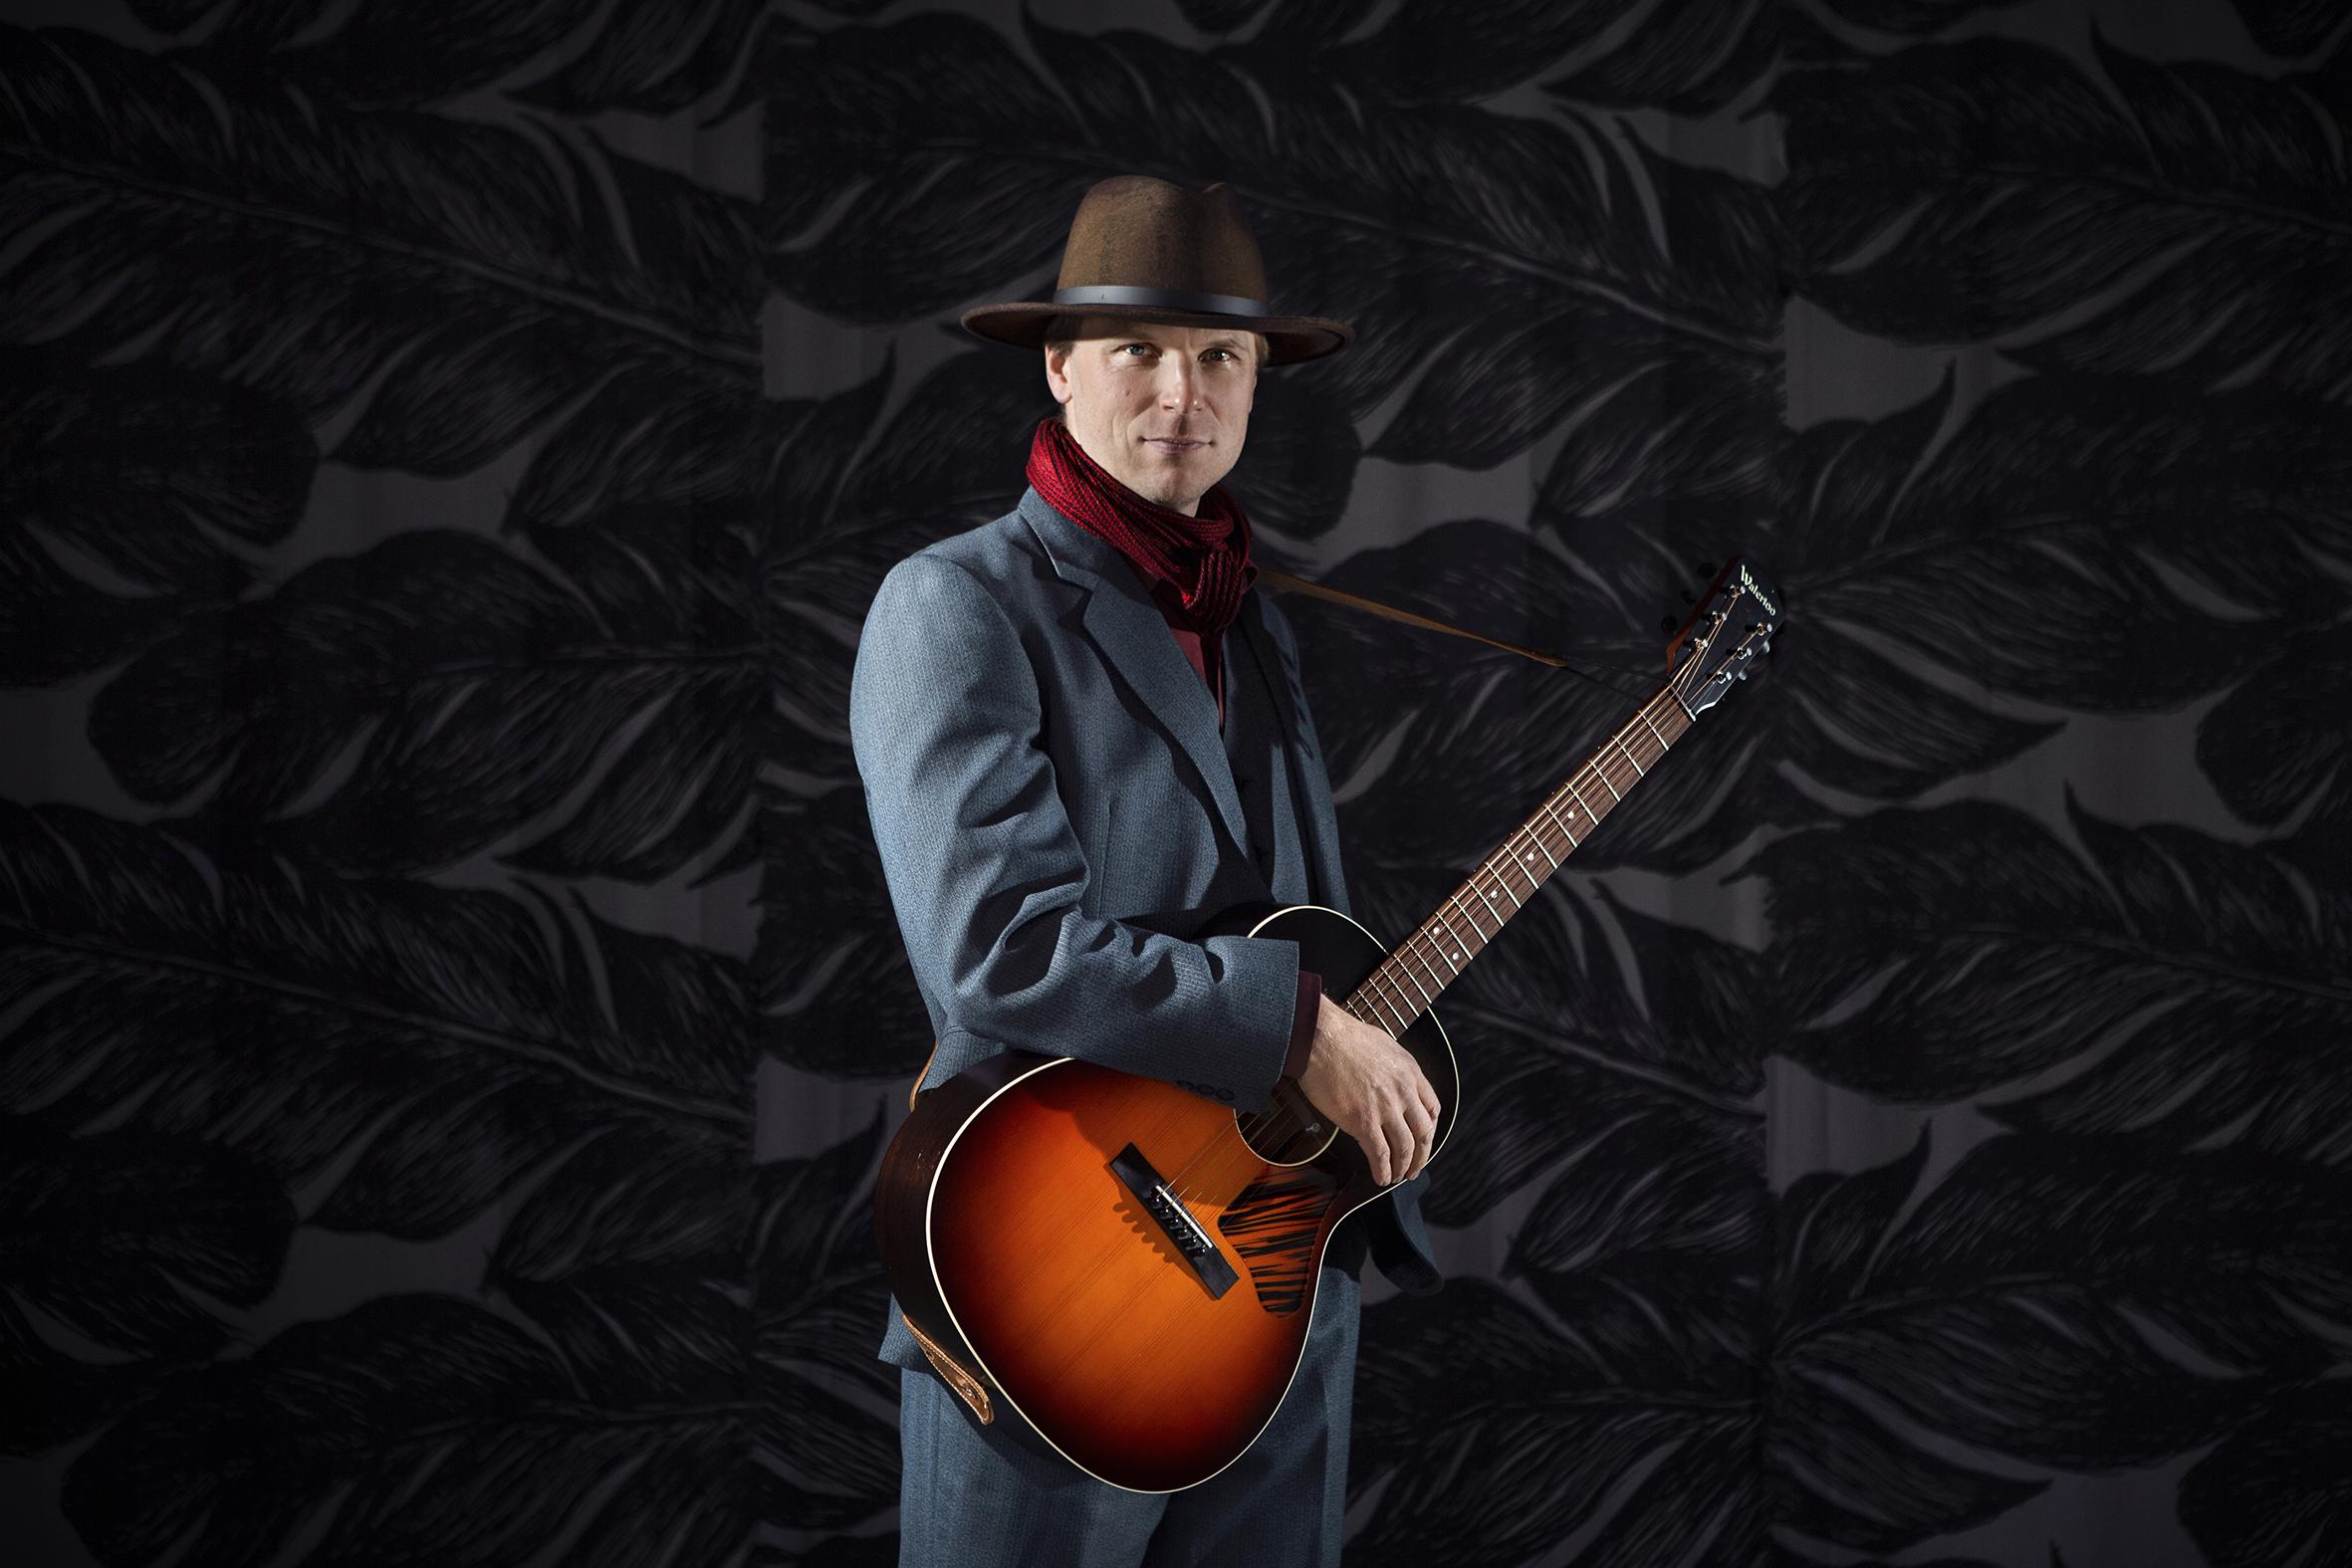 Kitaristi Mikko Iivanainen poseeraa promokuvassa hattu päässään.